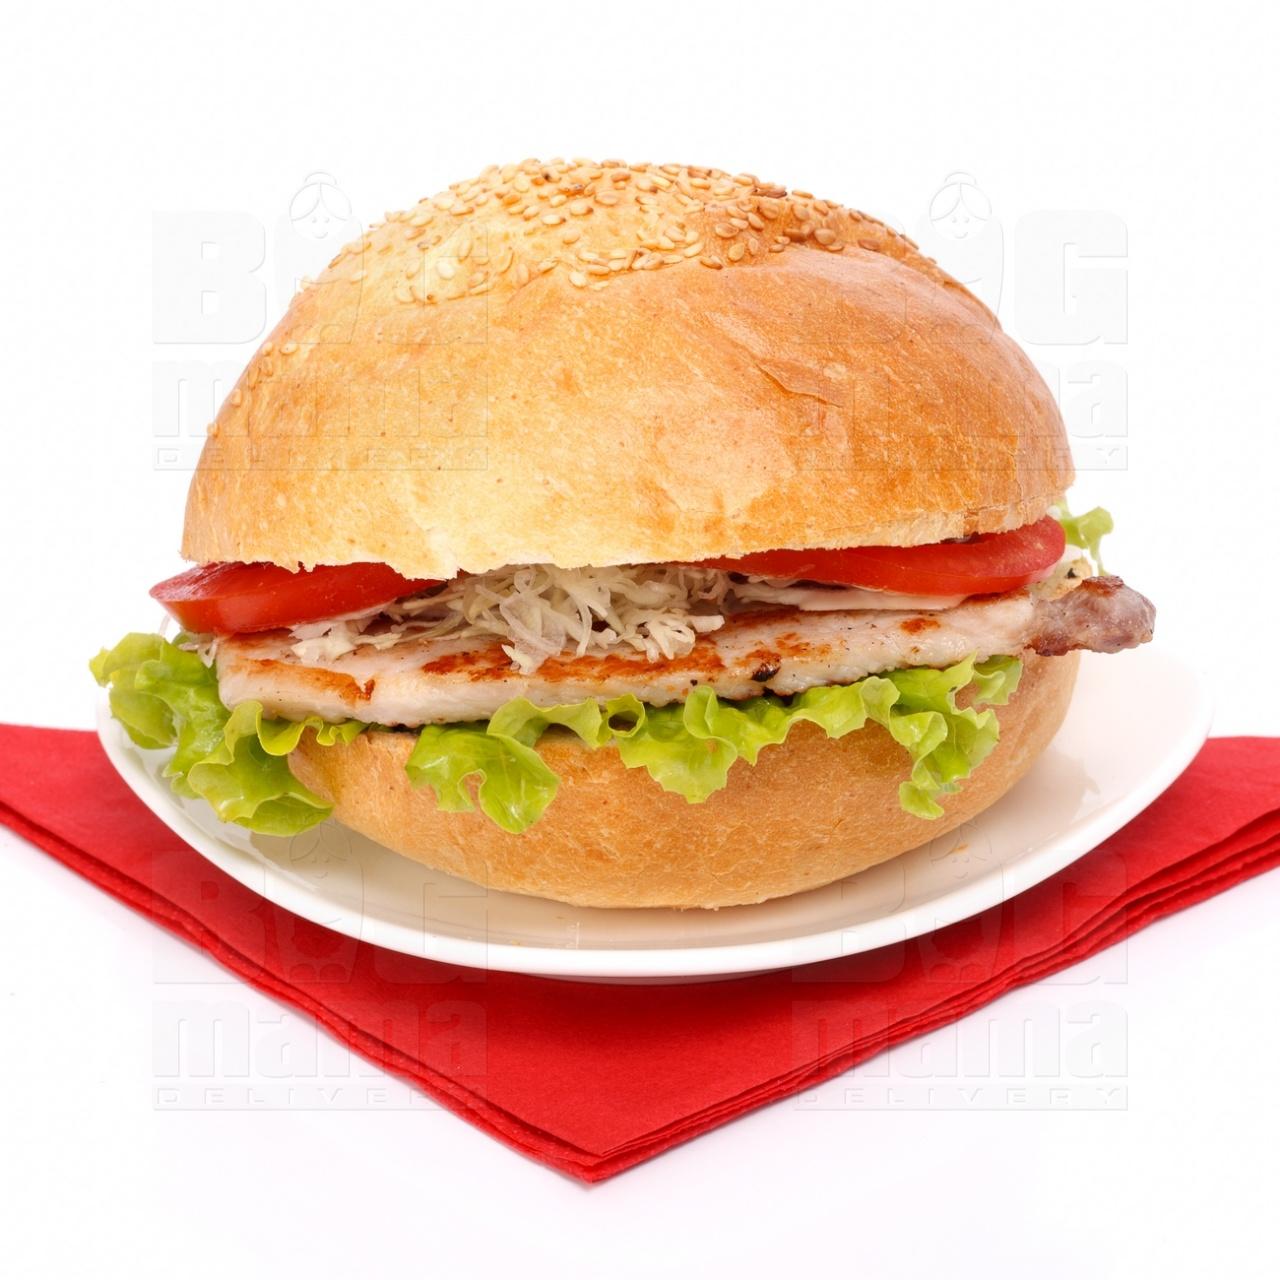 Product #48 image - Sandviş mare cu cotlet de porc la grătar